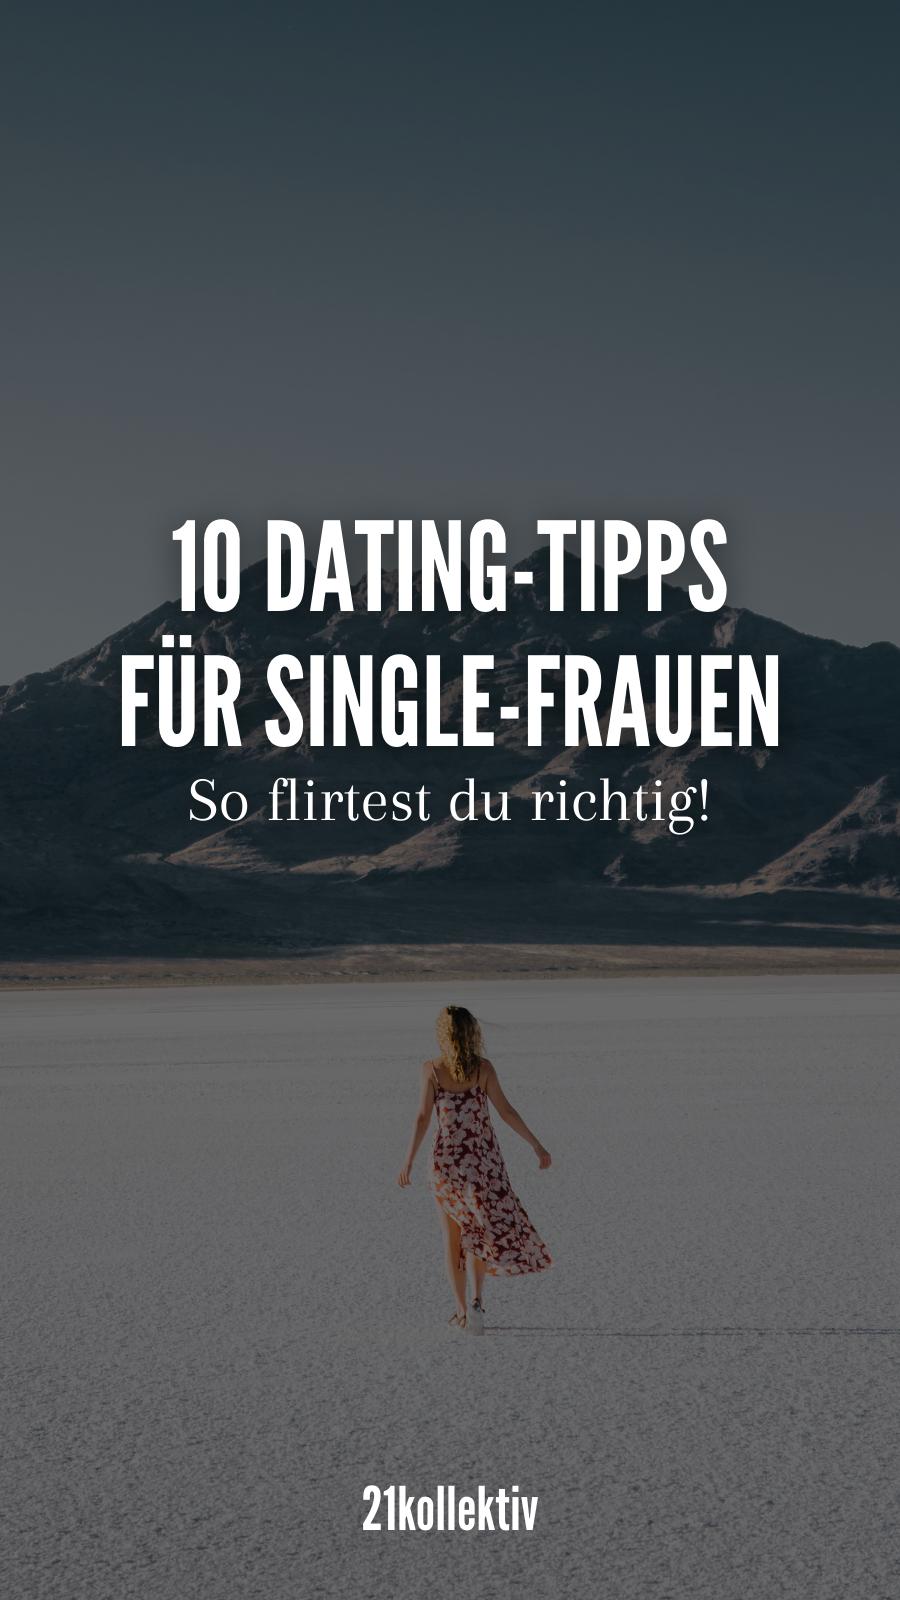 Richtig flirten: 10 Dating-Tipps für Frauen, die dich dem